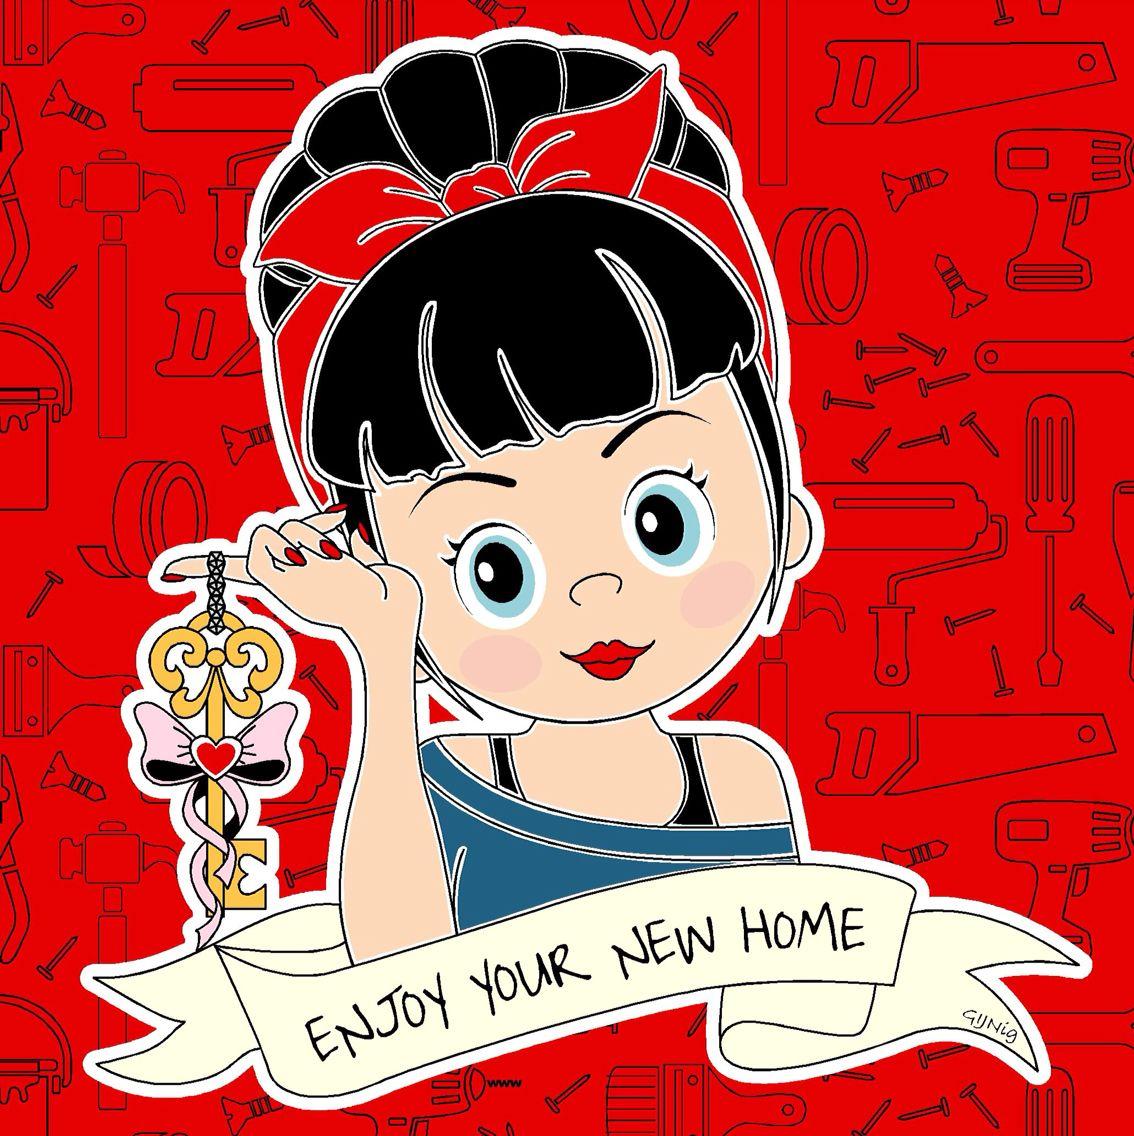 Moved Newhouse Verhuisd Key Sleutel Girl Red Tools Gereedschap Handygirl Gijnig Illustraties Afbeeldingen Letteren